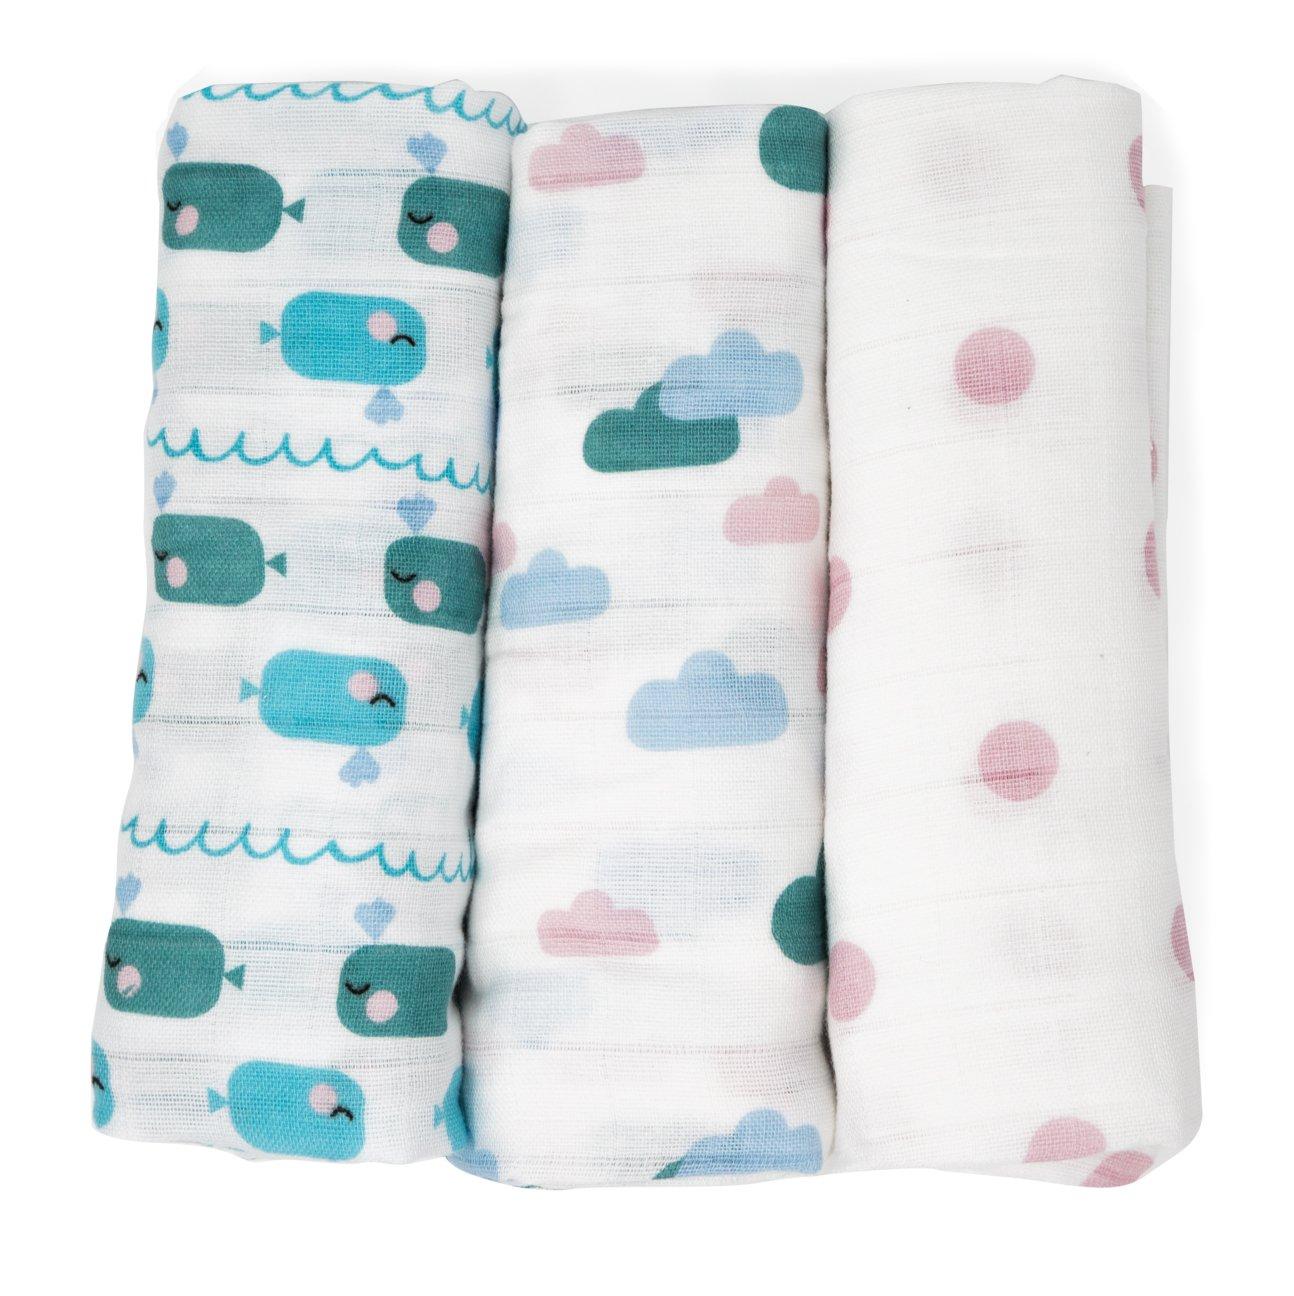 Muselinas para bebés de Emma & Noah, paquete de 3, 100% algodón,